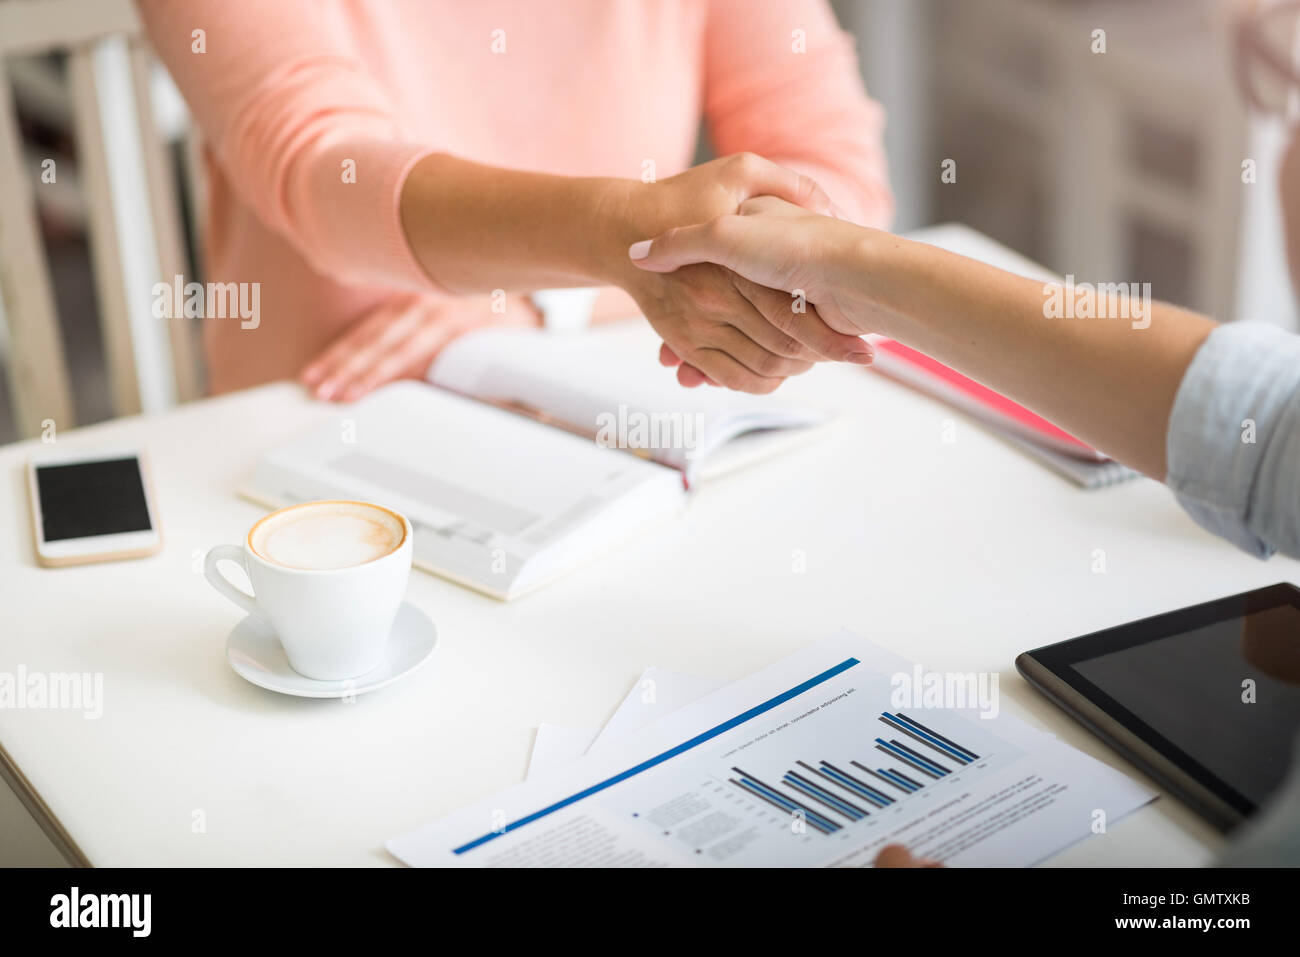 Agradable estrechar las manos de las mujeres Imagen De Stock